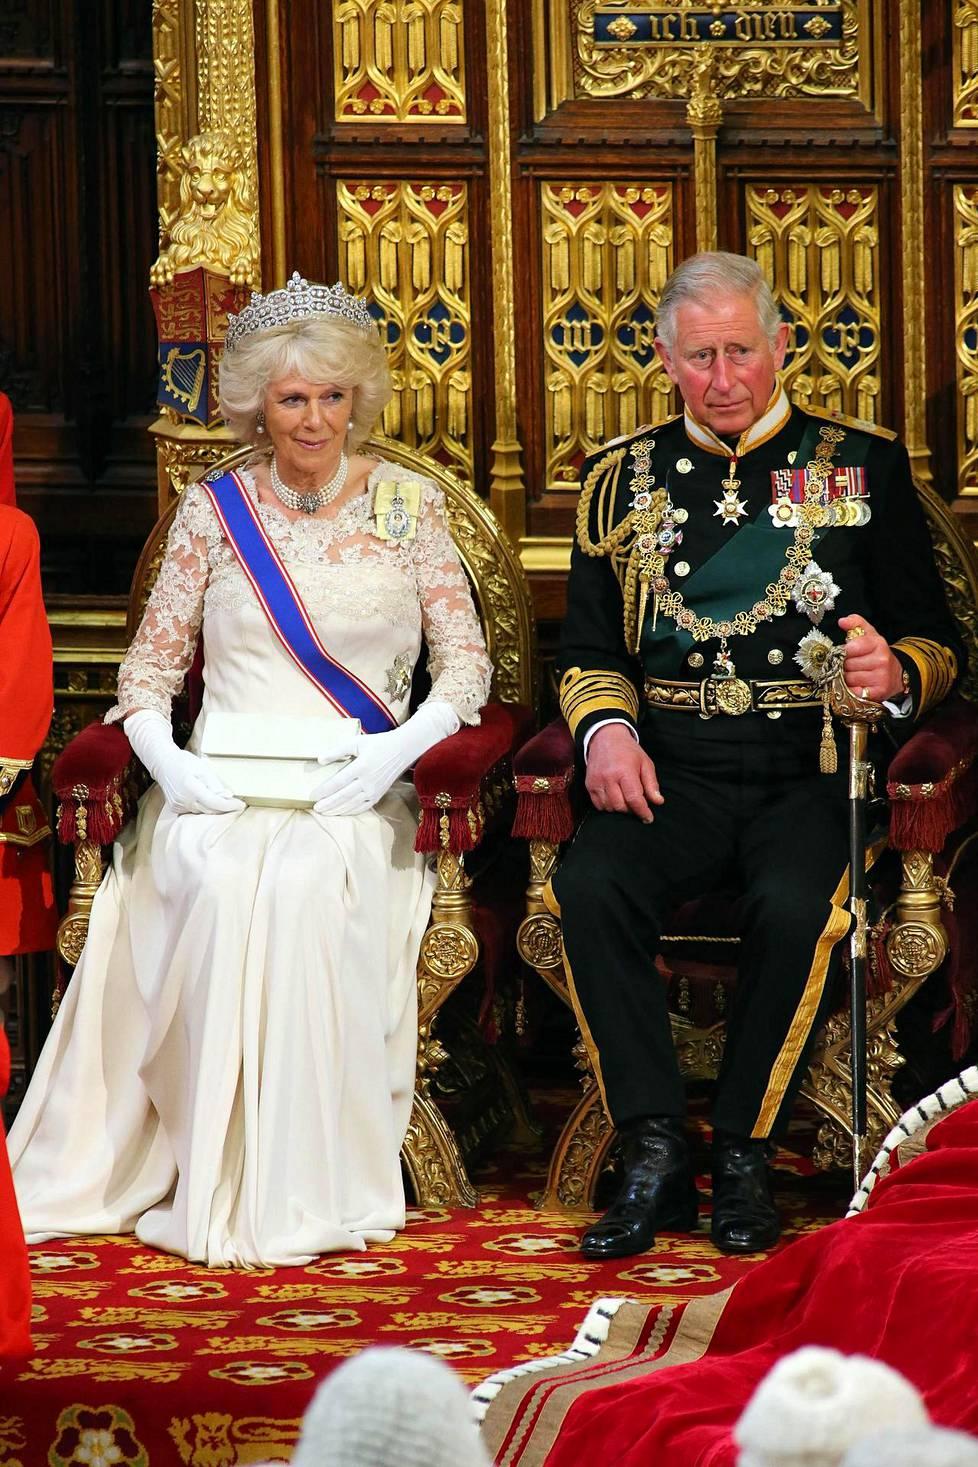 Seuraava kuningaspari. Charles on odottanut valtaannousua pidempään kuin yksikään toinen Britannian kruununperijä.